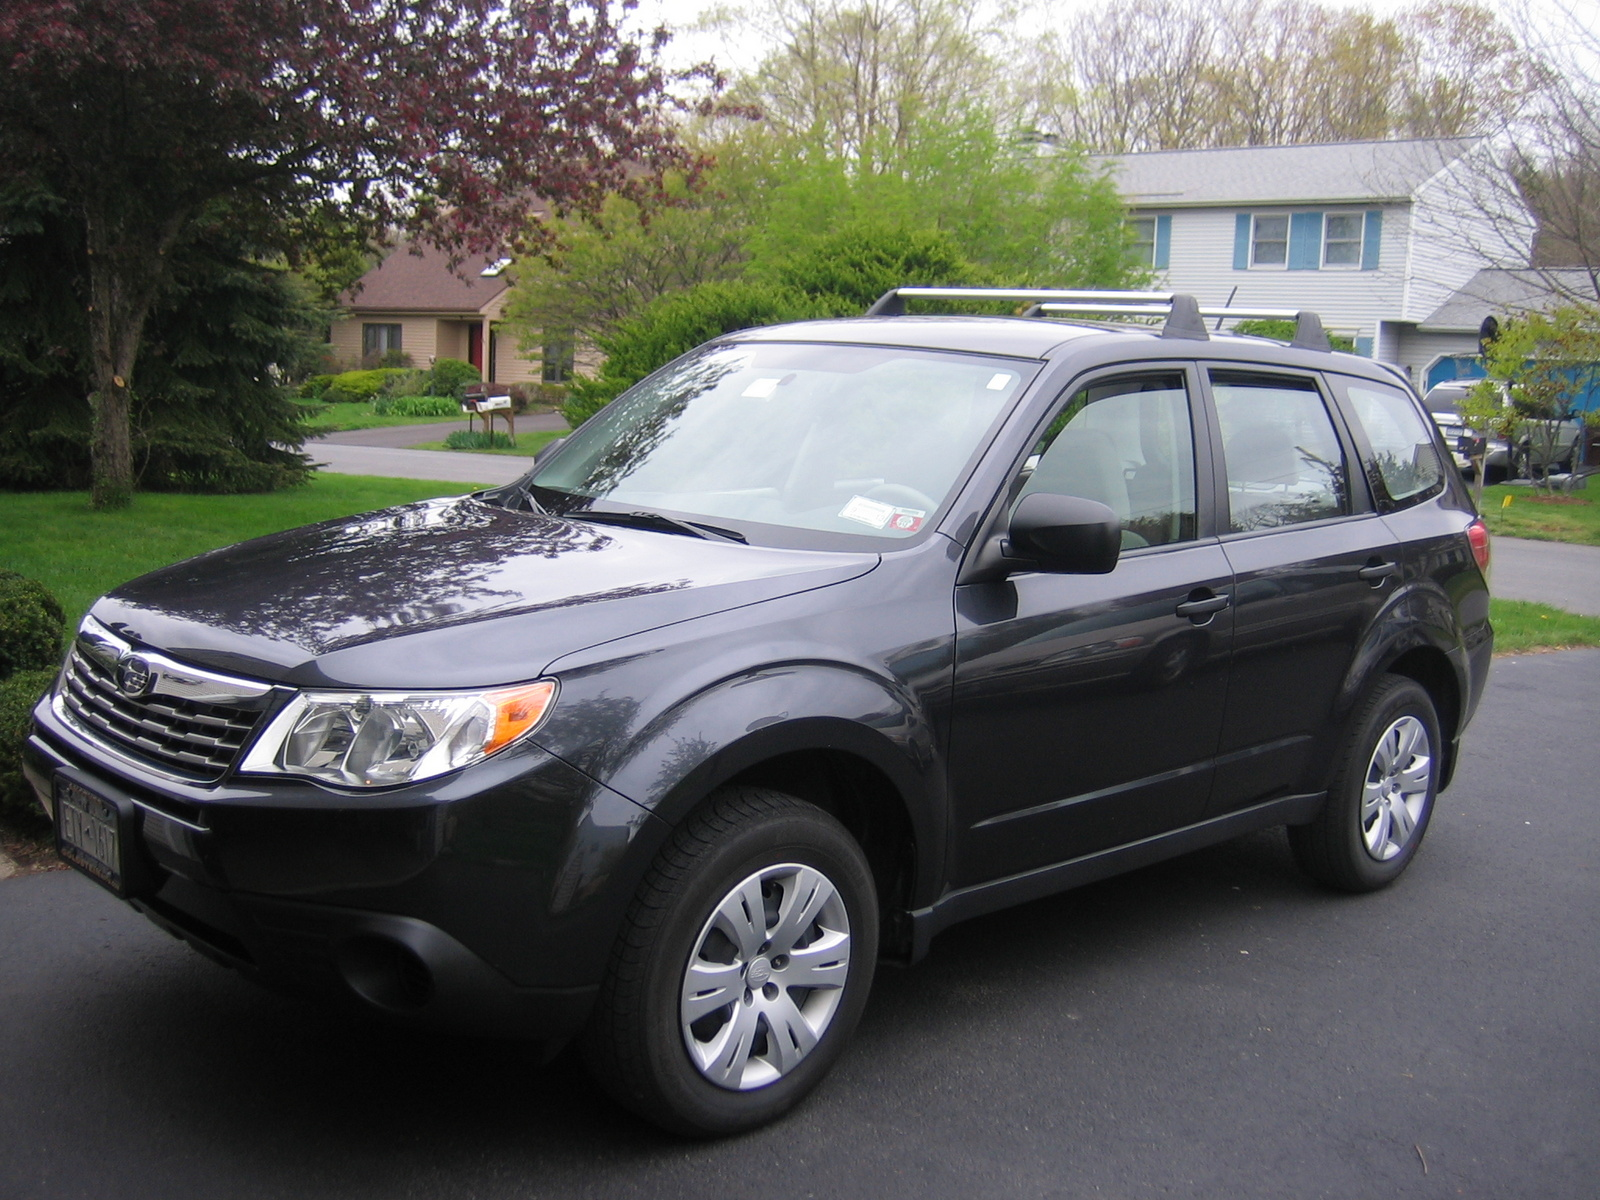 2010 Subaru Forester Exterior Pictures Cargurus